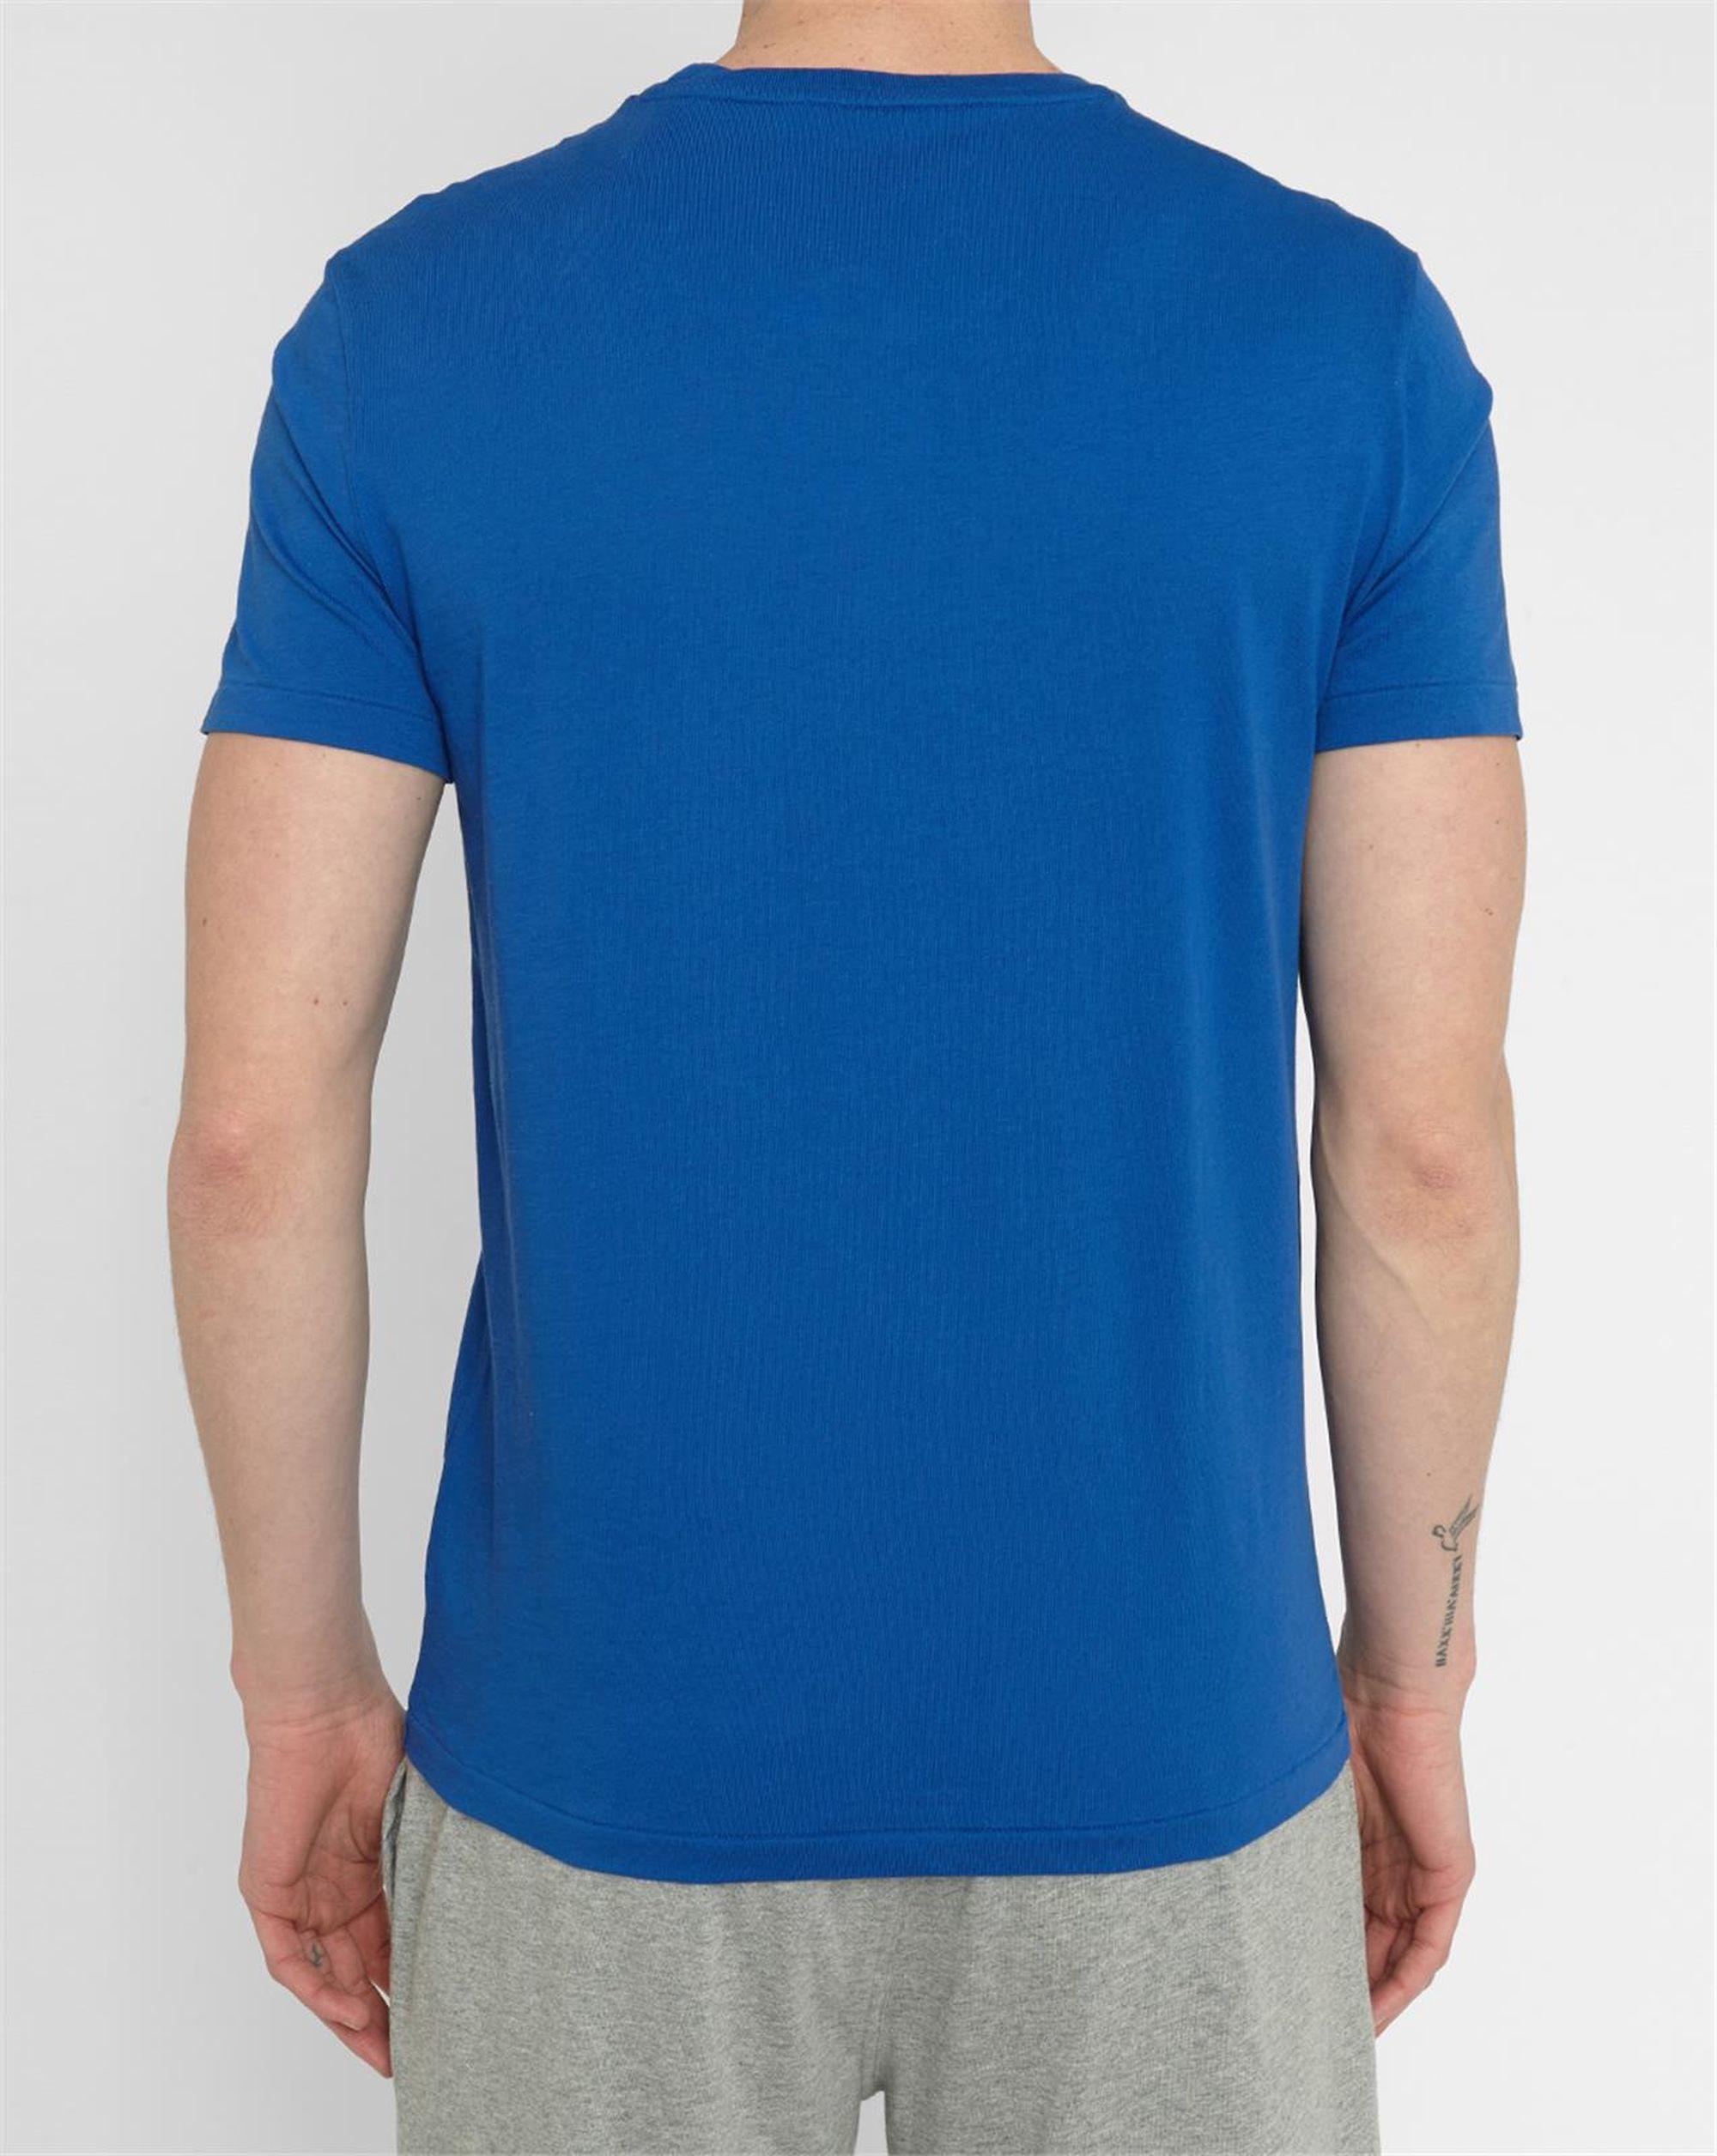 POLO Ralph Lauren Polo T-shirt in Royal Blue A12KS13MC0004